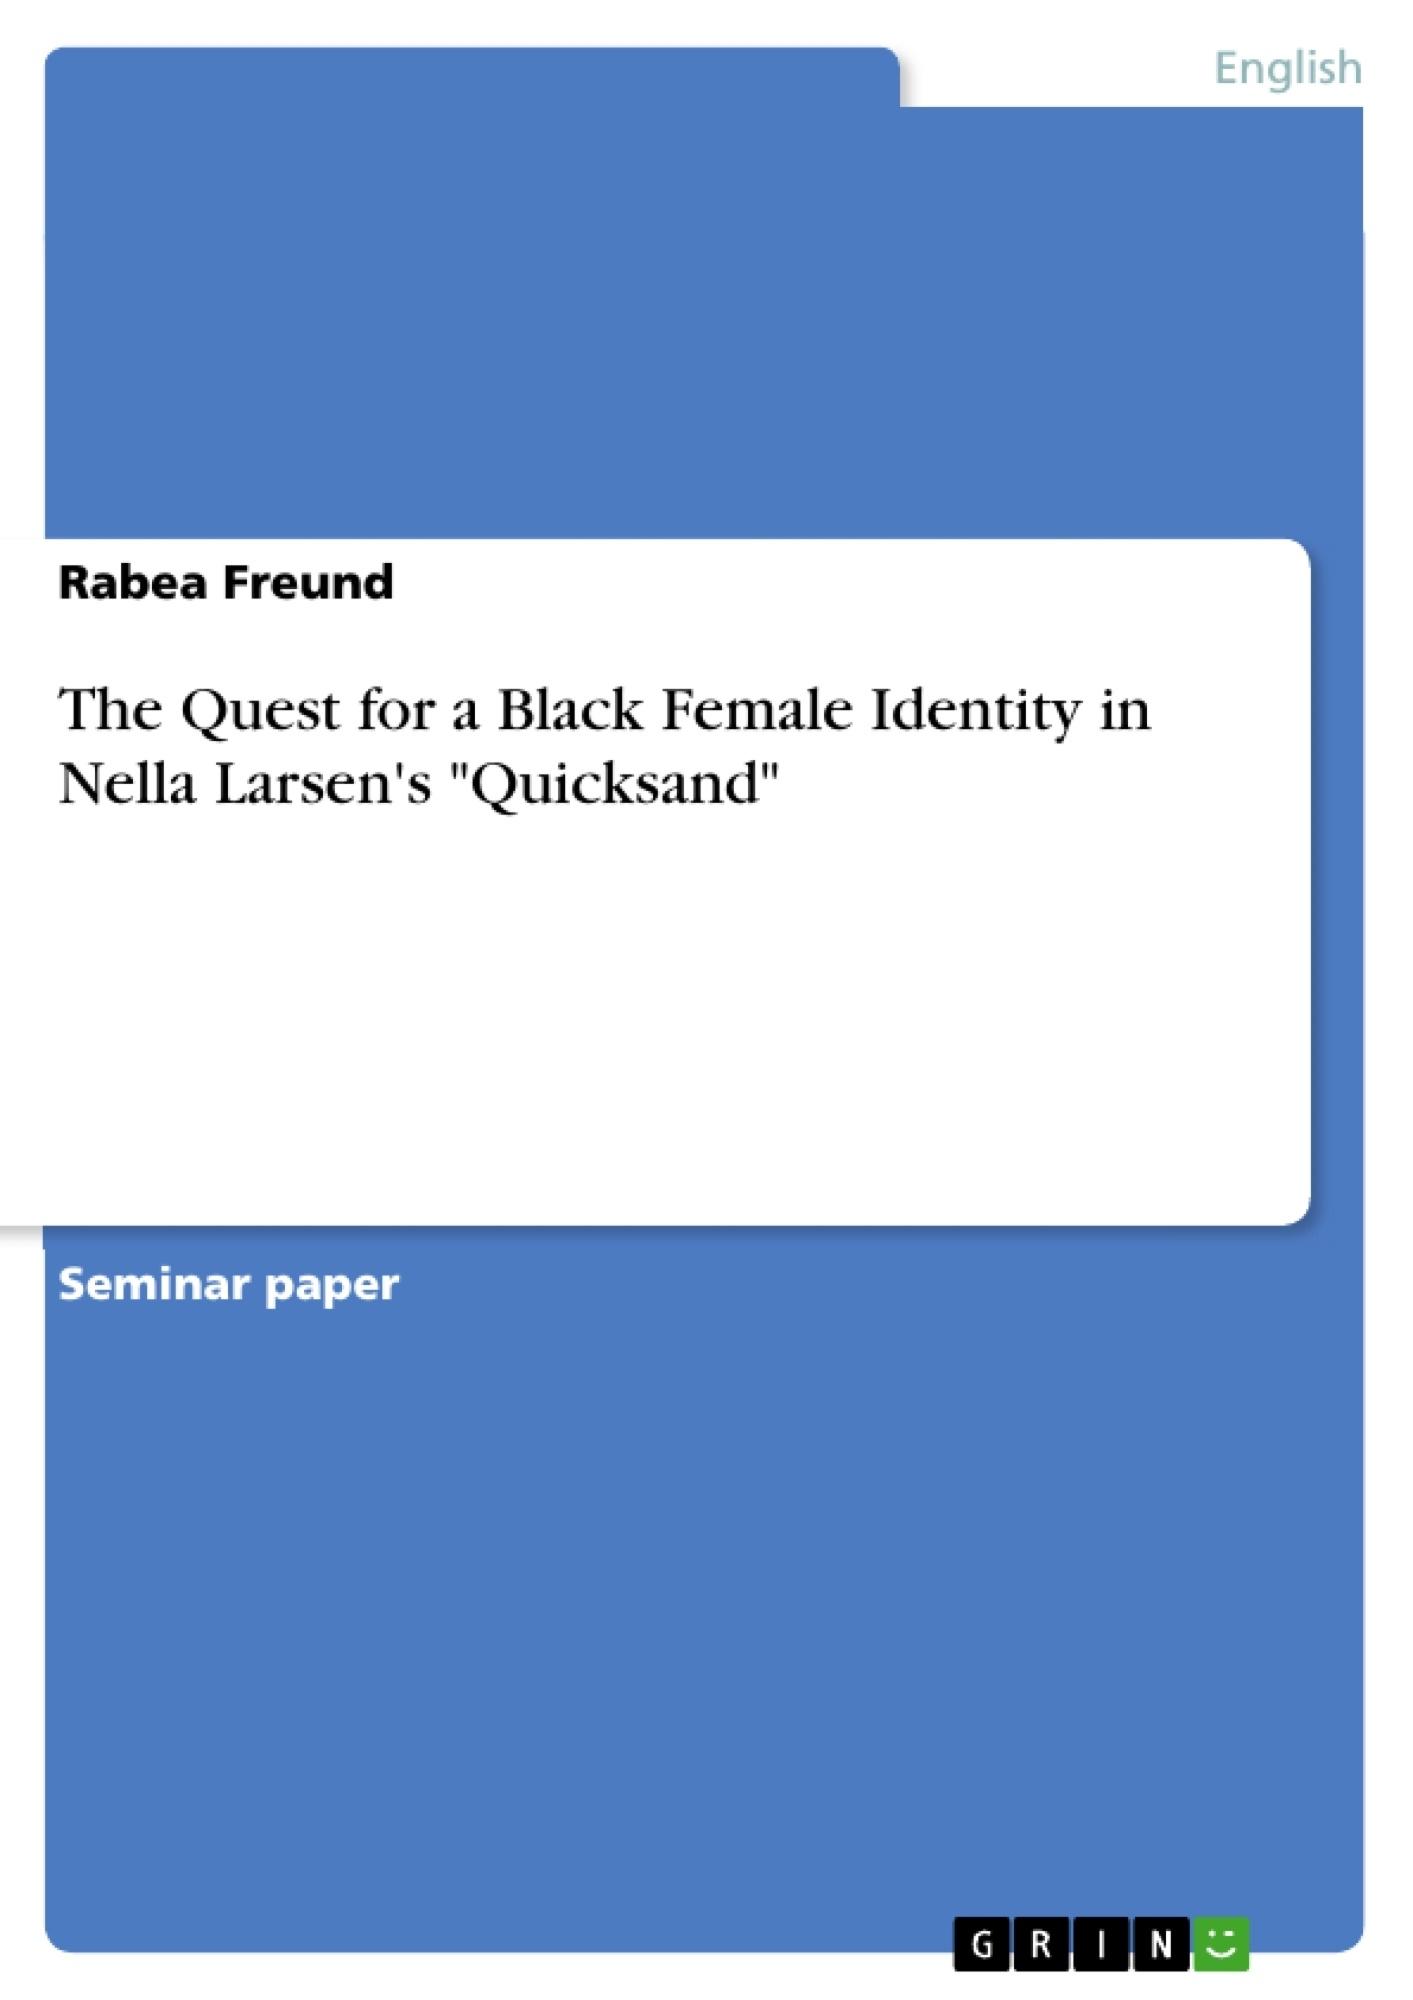 """Title: The Quest for a Black Female Identity in Nella Larsen's """"Quicksand"""""""